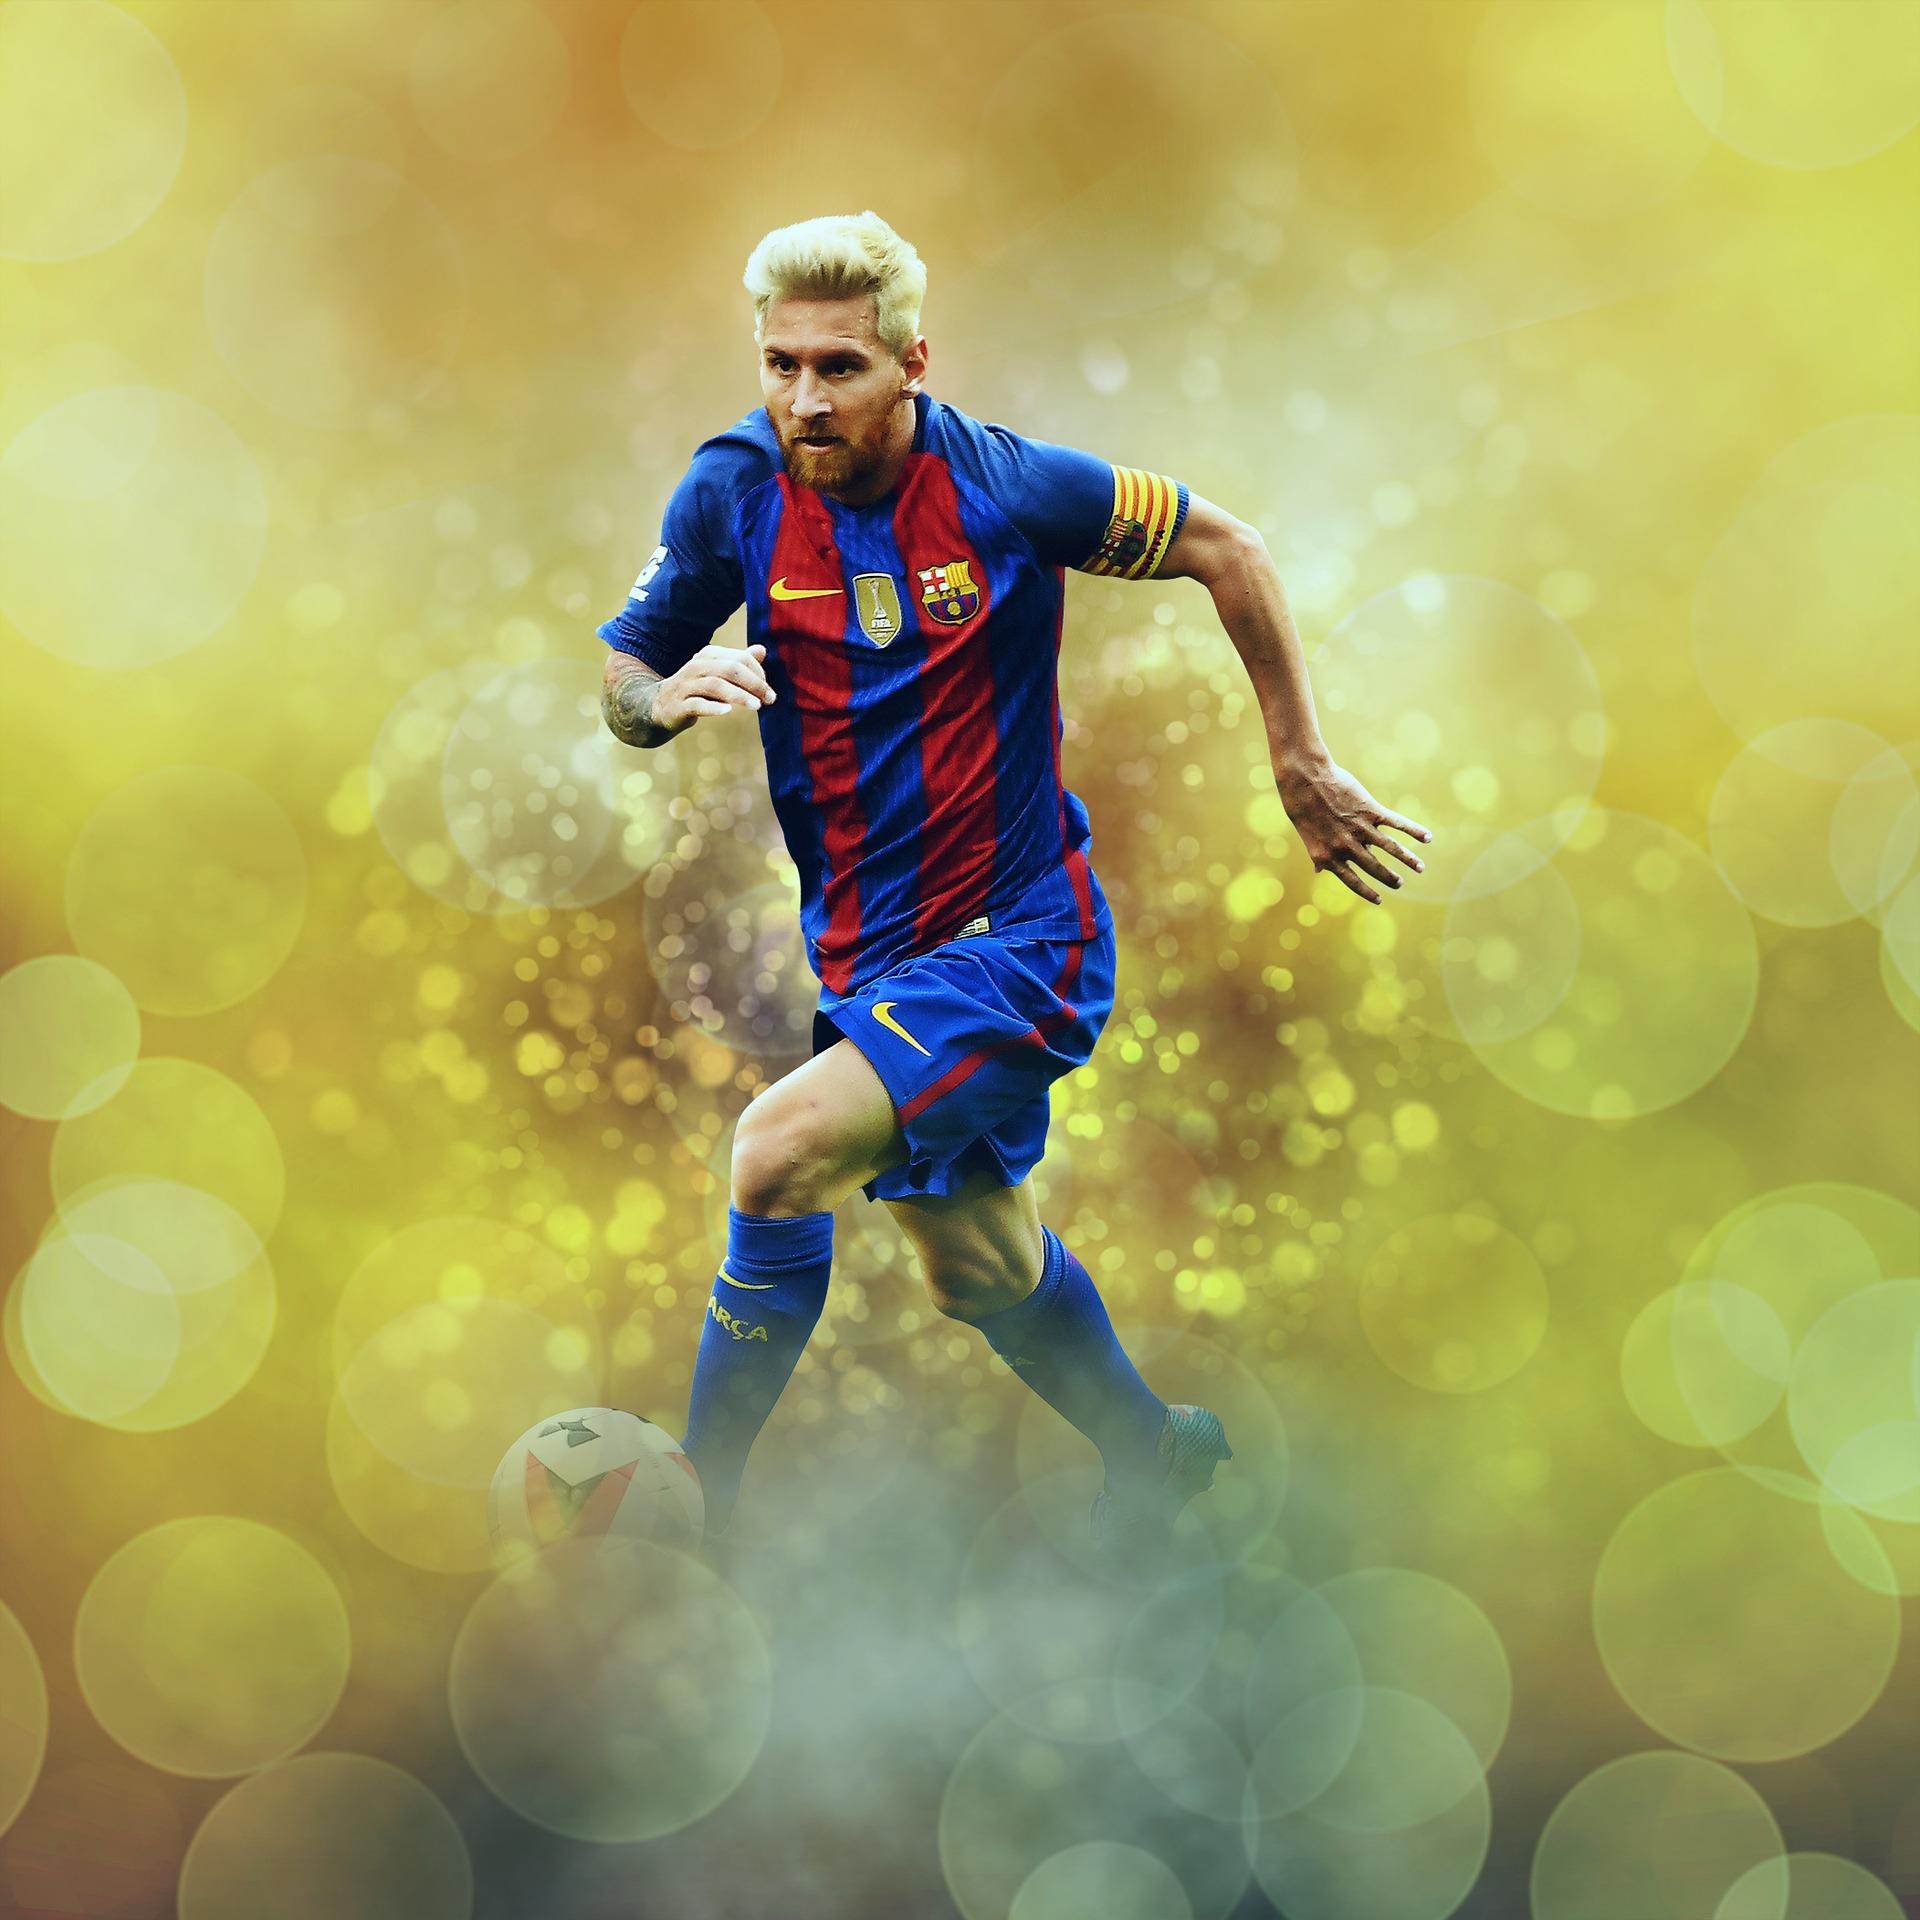 Barcelone confirme Ernesto Valverde comme nouveau manager au Camp Nou